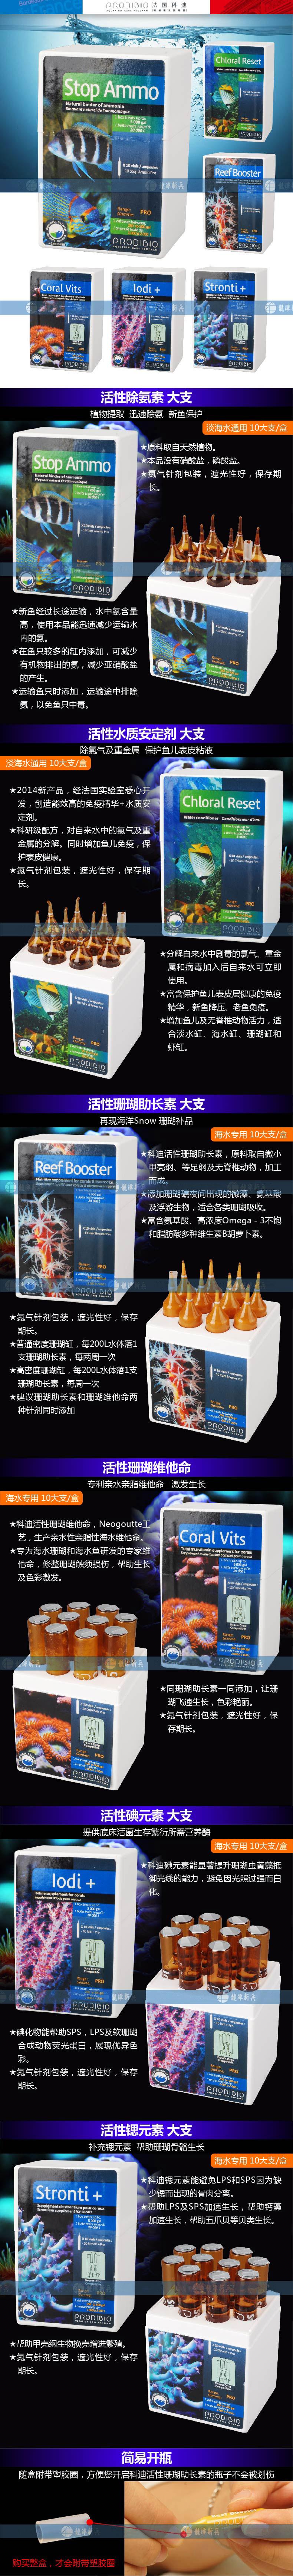 科迪PRODIBIO海水大支系列除氨素水质安定剂珊瑚助长素维他命碘锶.jpg